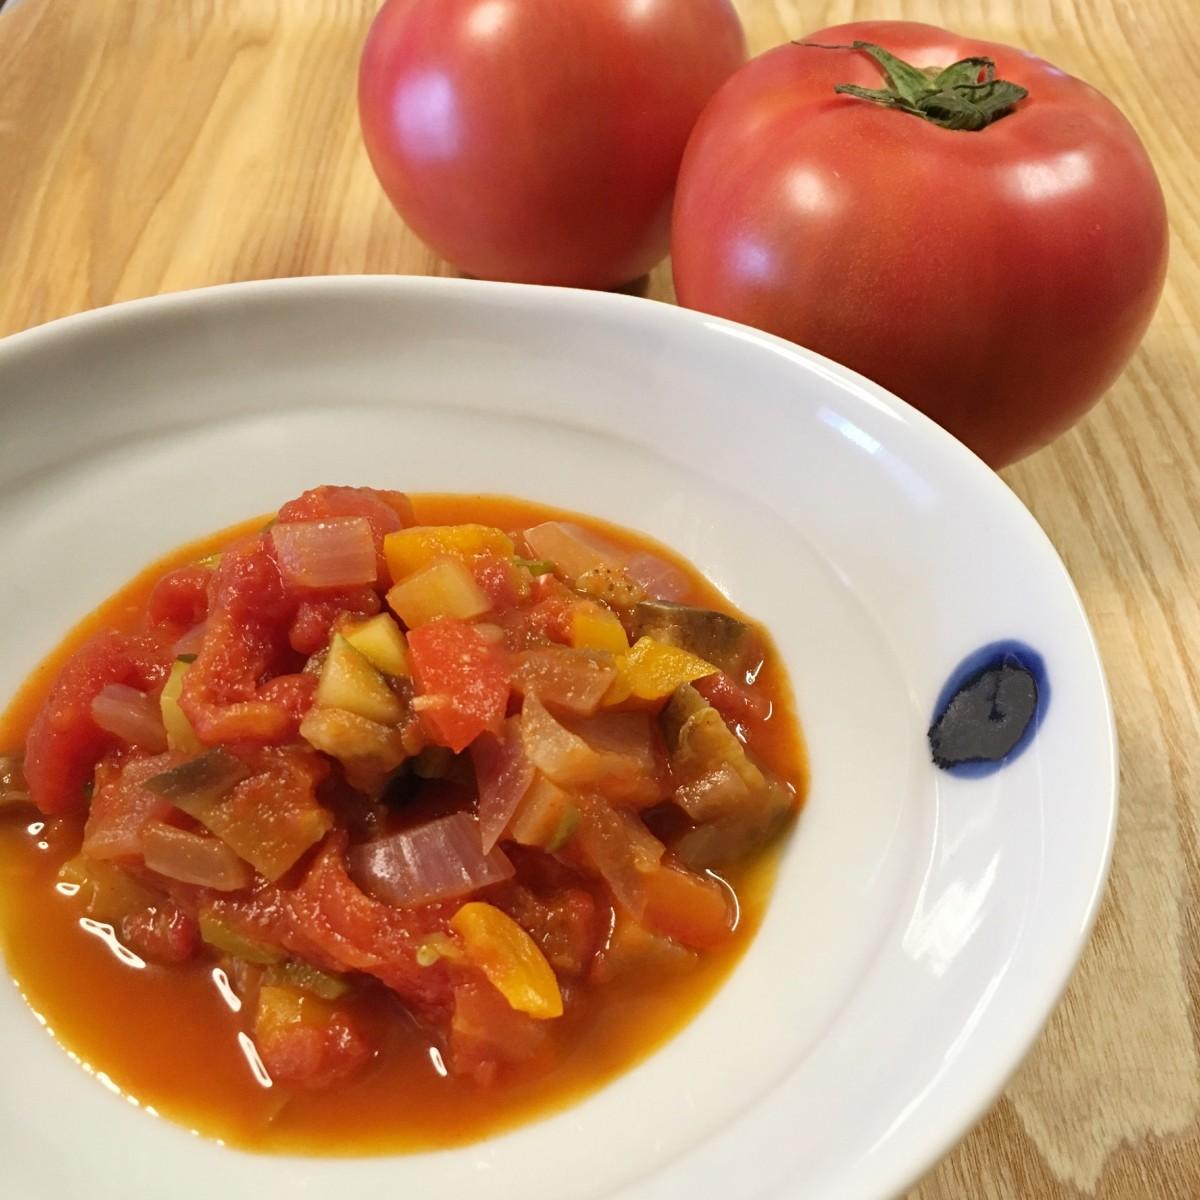 夏野菜・トマトの「リコピン」で美白!美肌に活かす方法